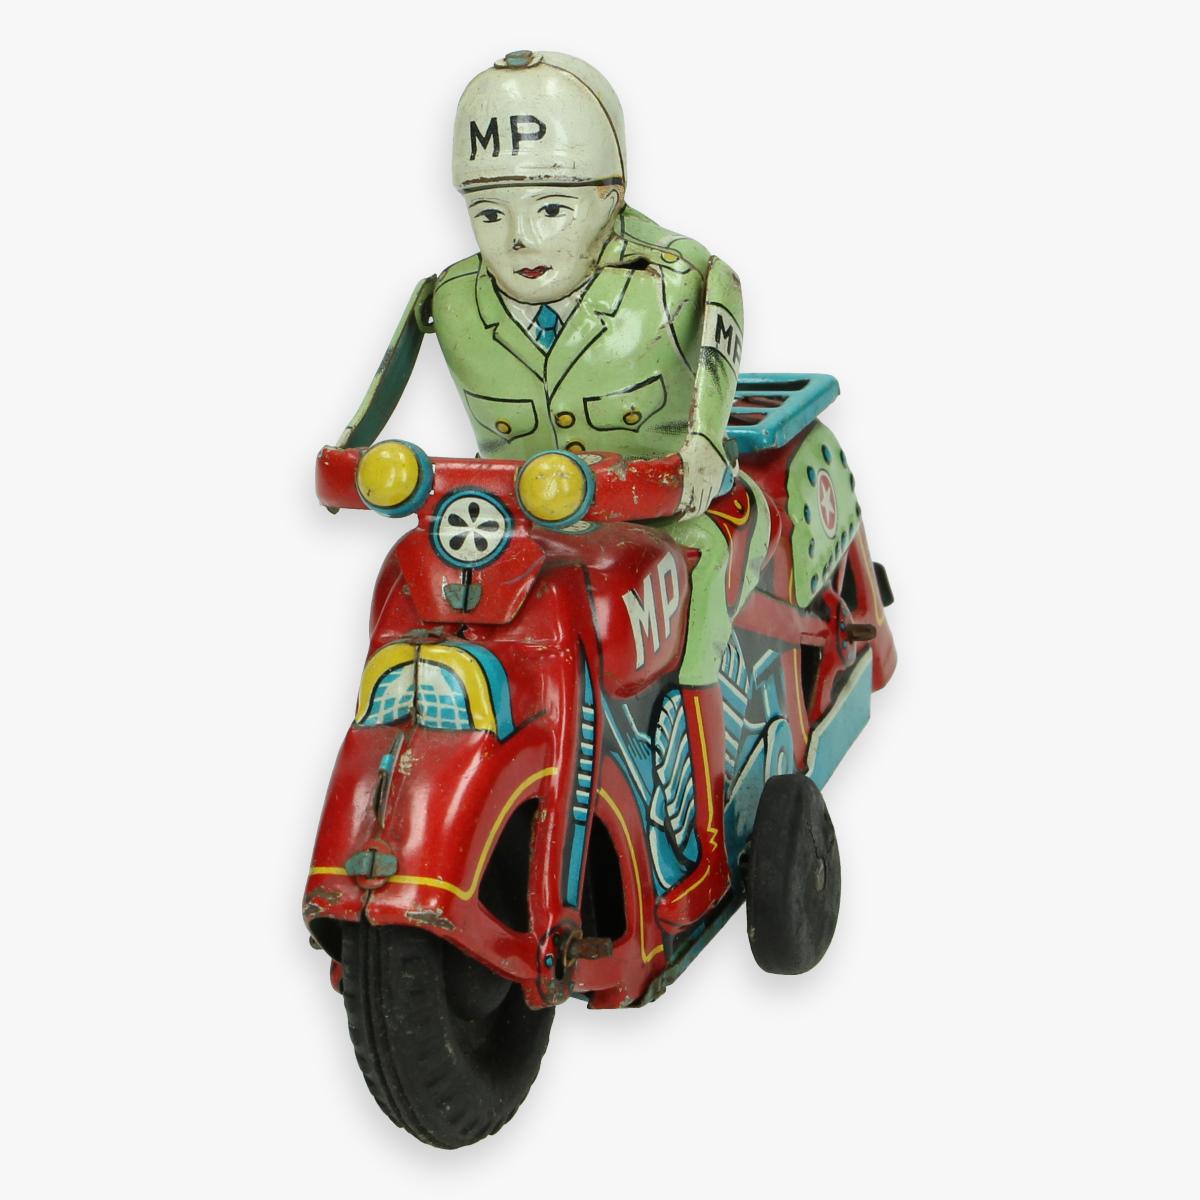 Afbeeldingen van tin toy motorcycle M.P. jaren 50 masudaya made in Japan nummerplaat usa 165